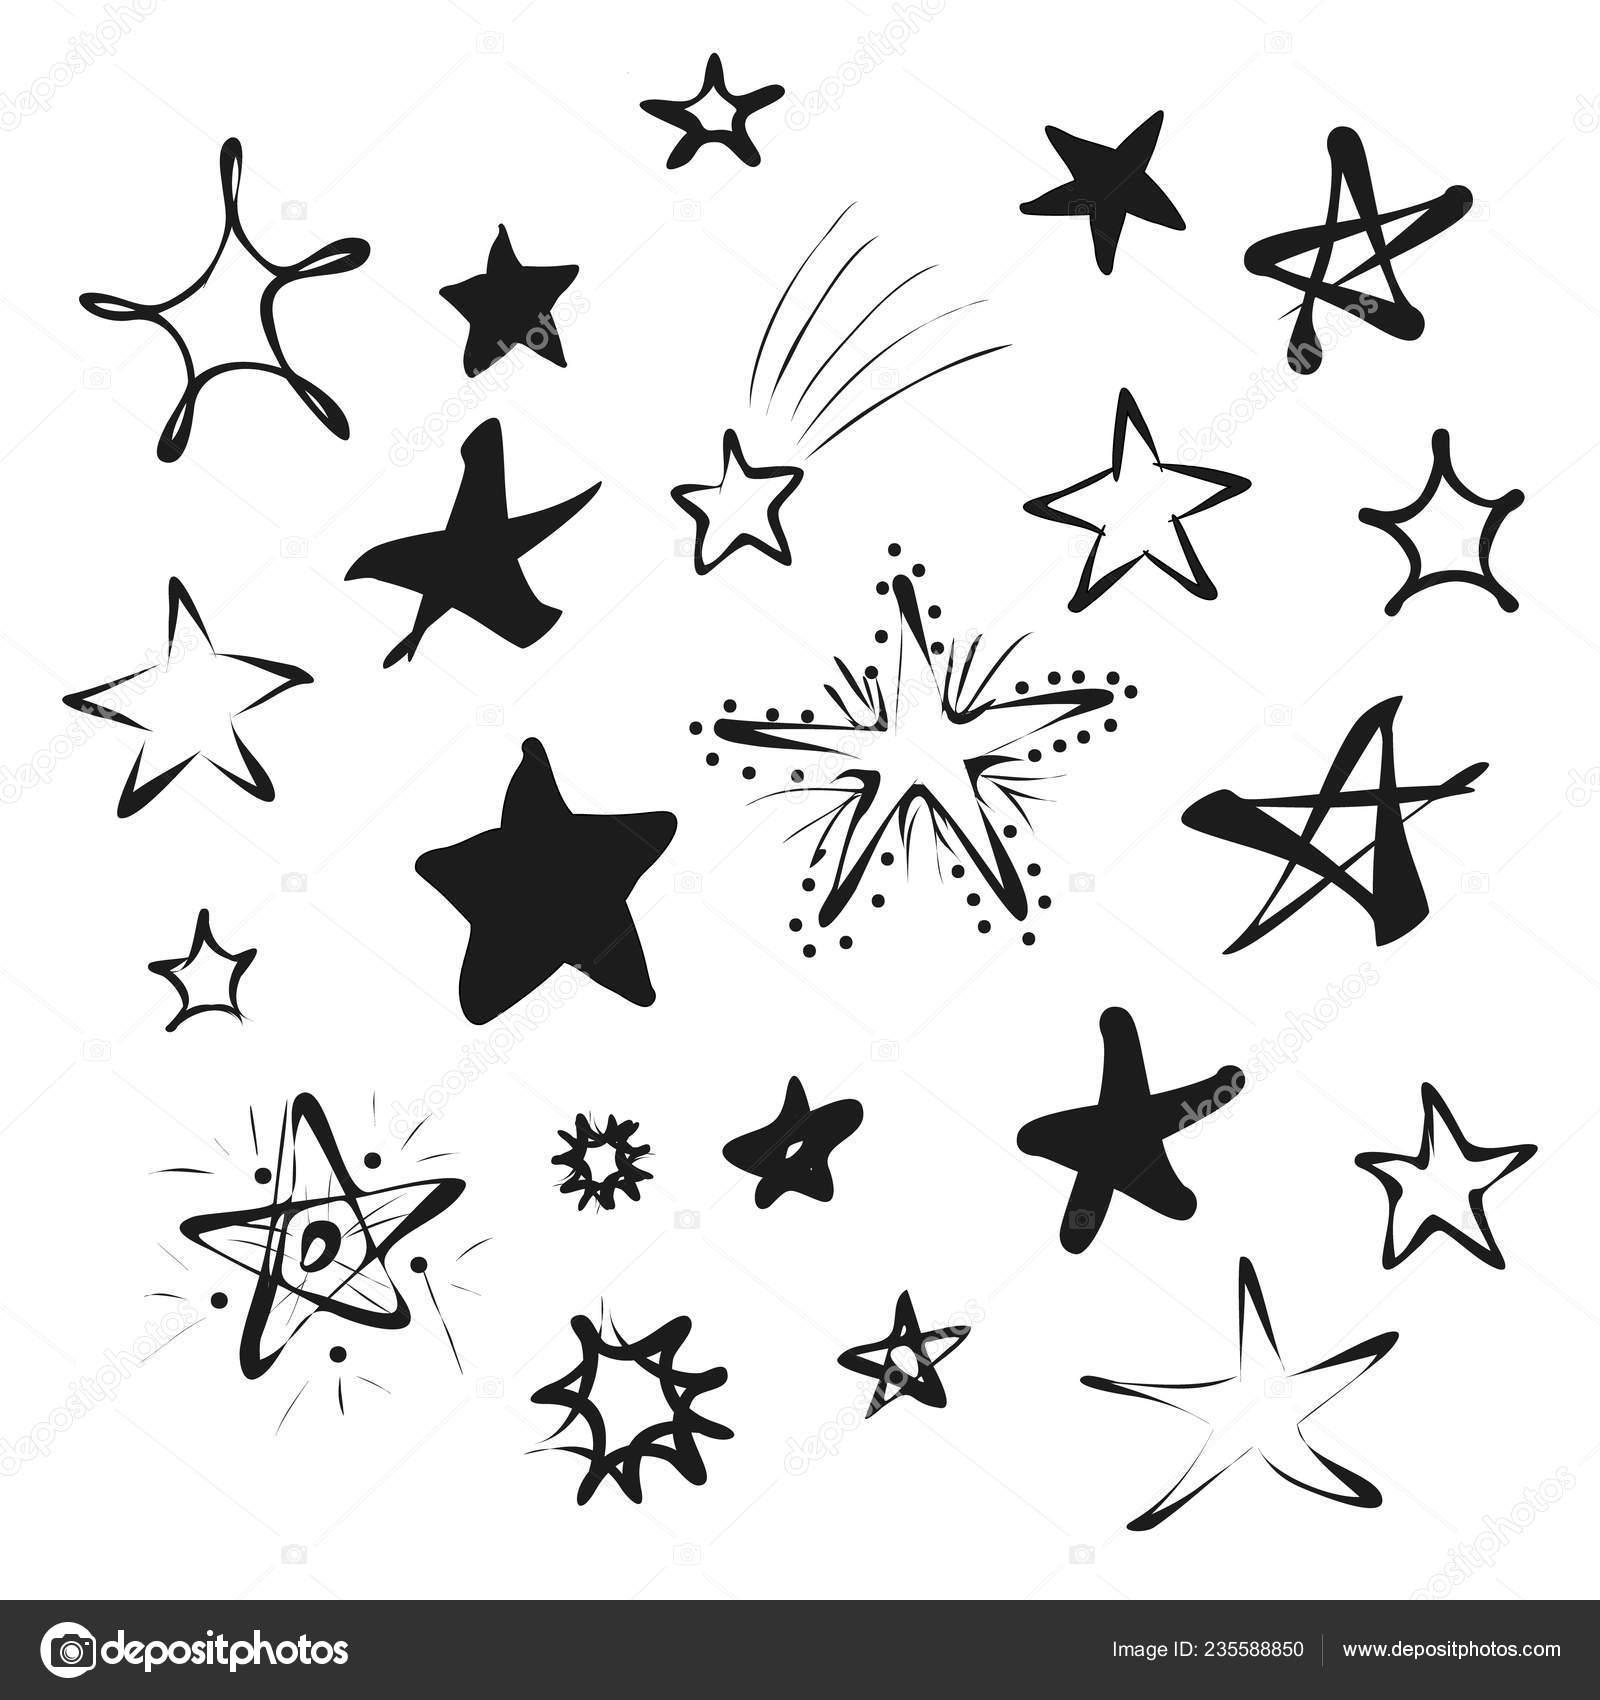 Doodle black stars icons isolated white background set hand